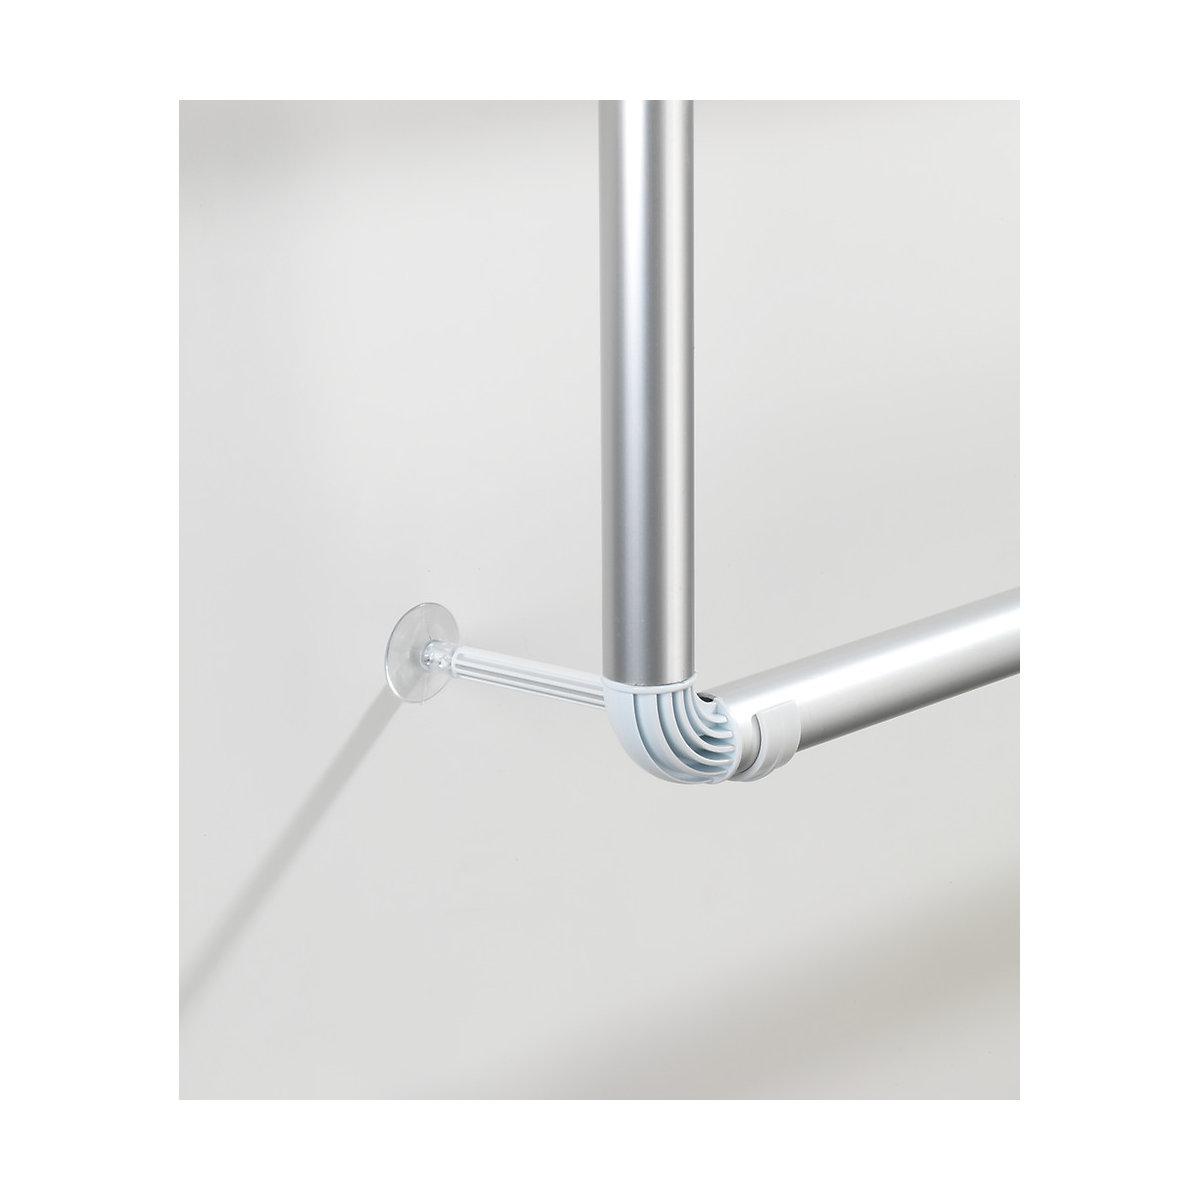 Handtuchhalter für Tür und Duschkabine pact mit 3